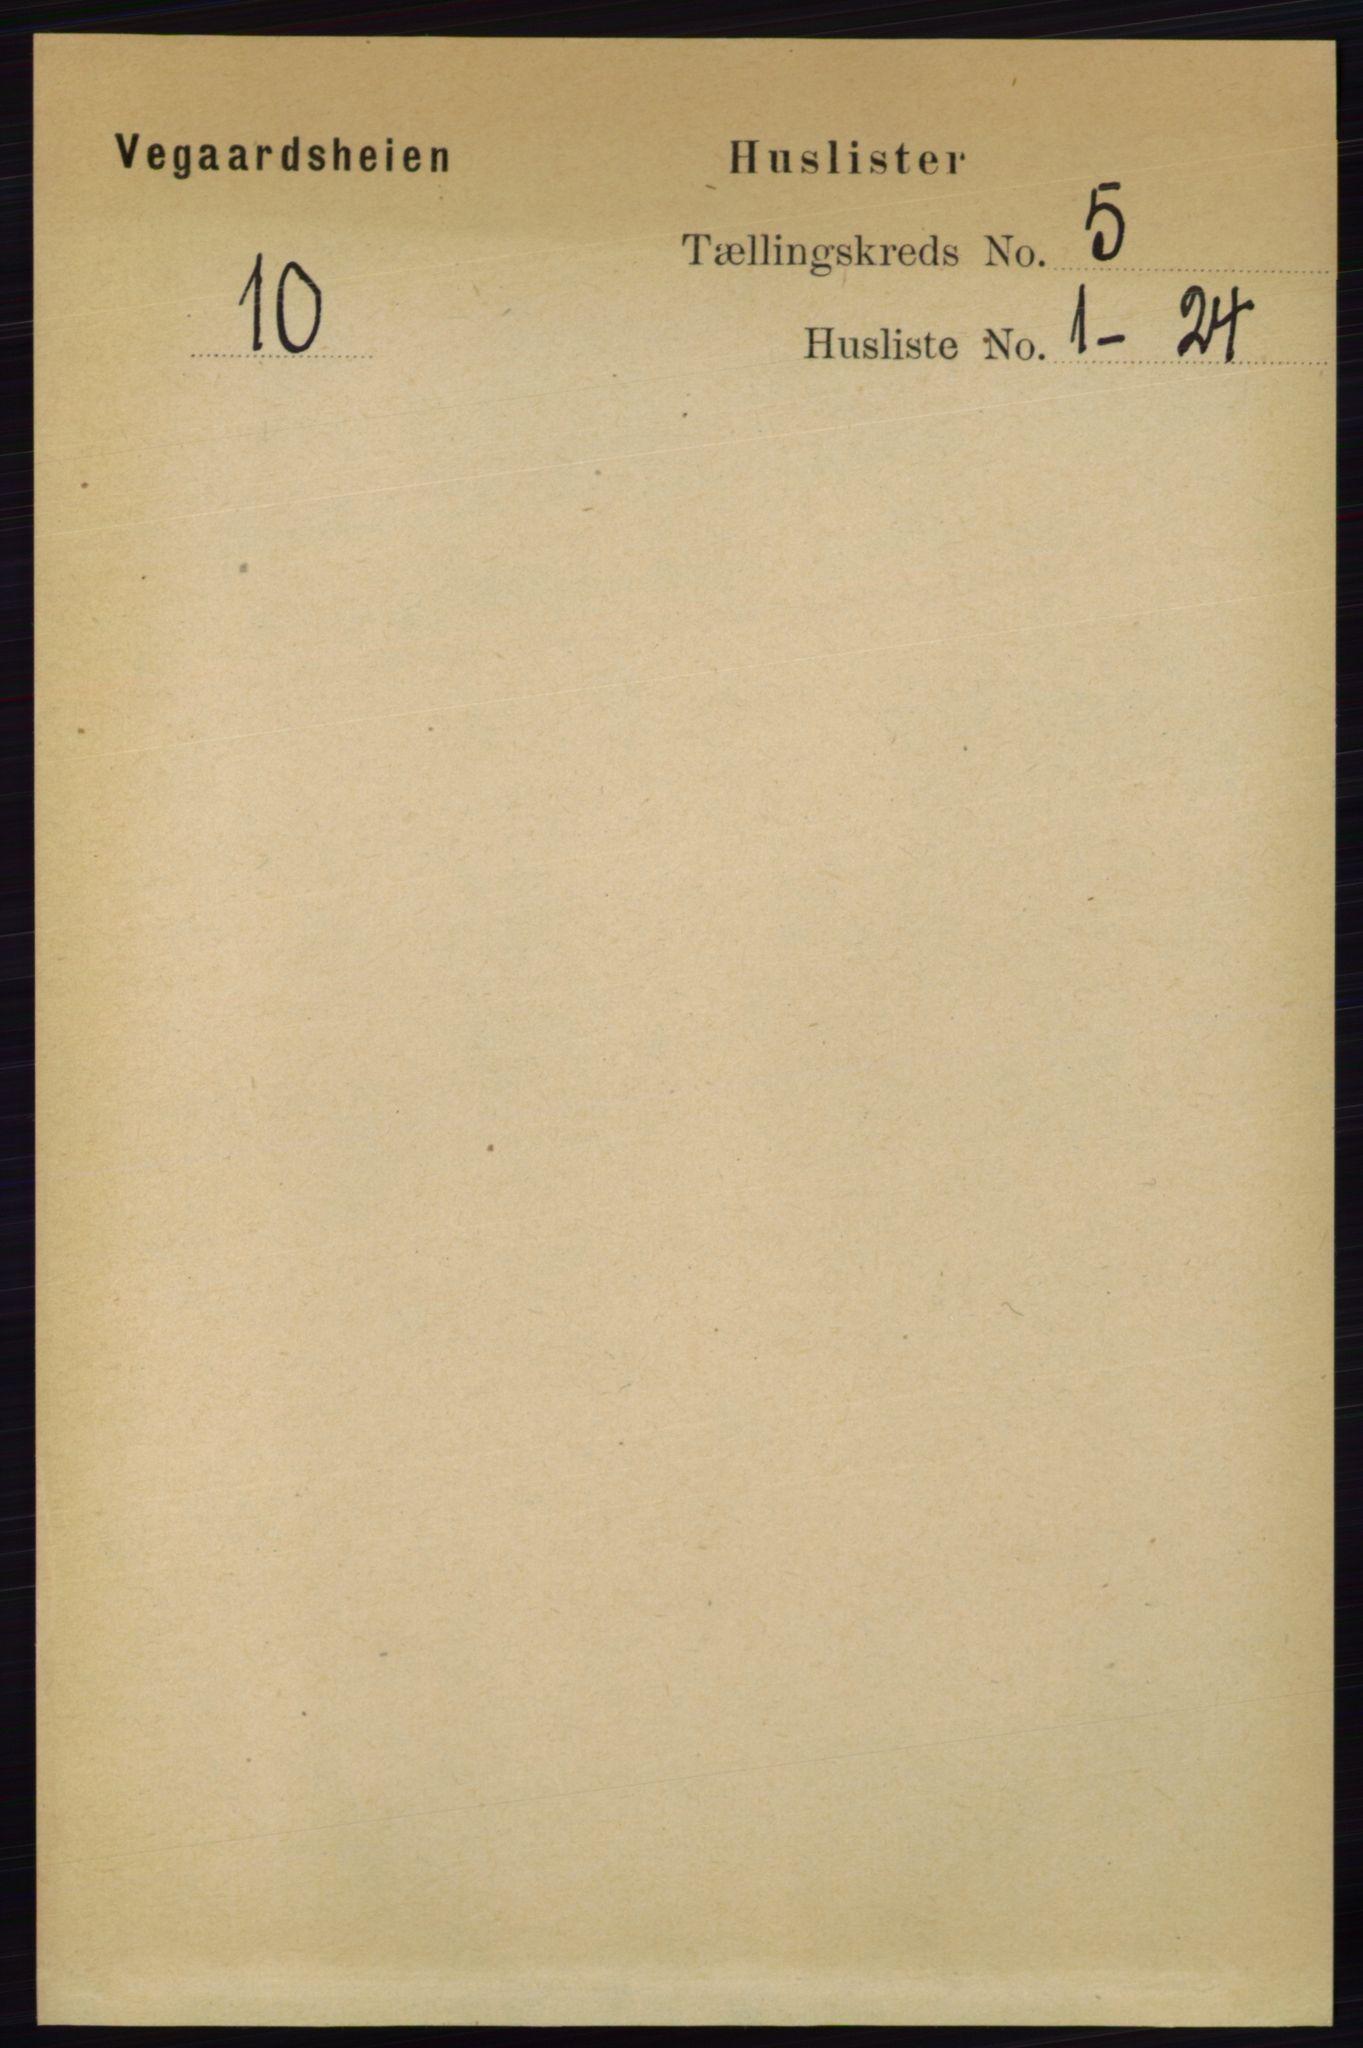 RA, Folketelling 1891 for 0912 Vegårshei herred, 1891, s. 942